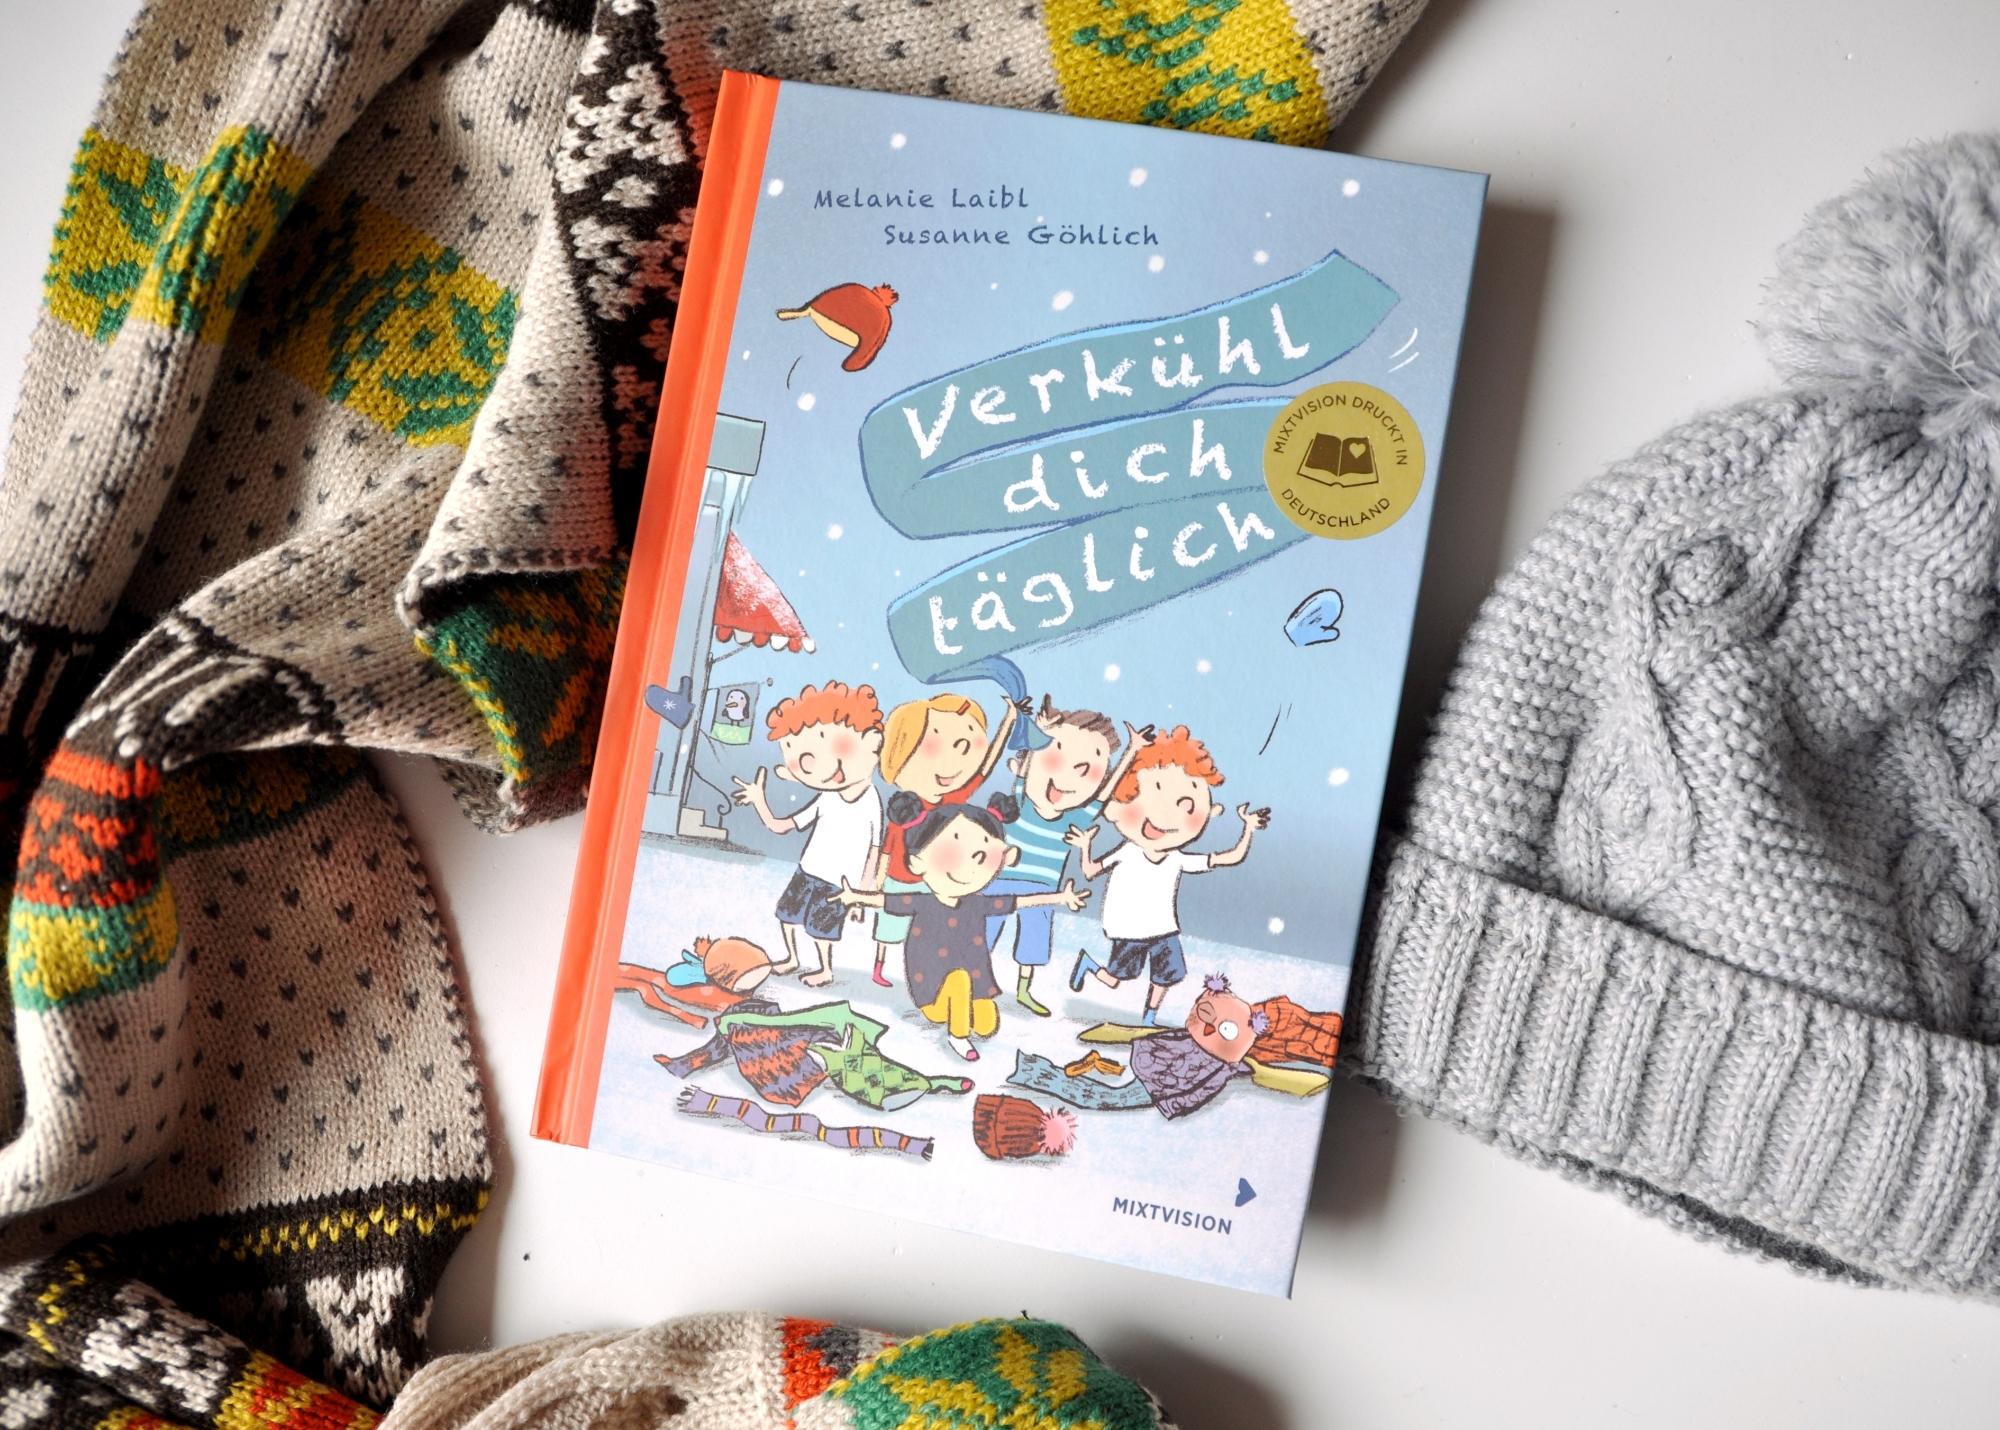 Verkühl dich täglich - 5 Kinder und die Rebellion gegen Wollschals und Strumpfhosen, Kinderbuch von Melanie Laibl für Kidner ab 7 Jahre, Rezension auf Mutter&Söhnchen